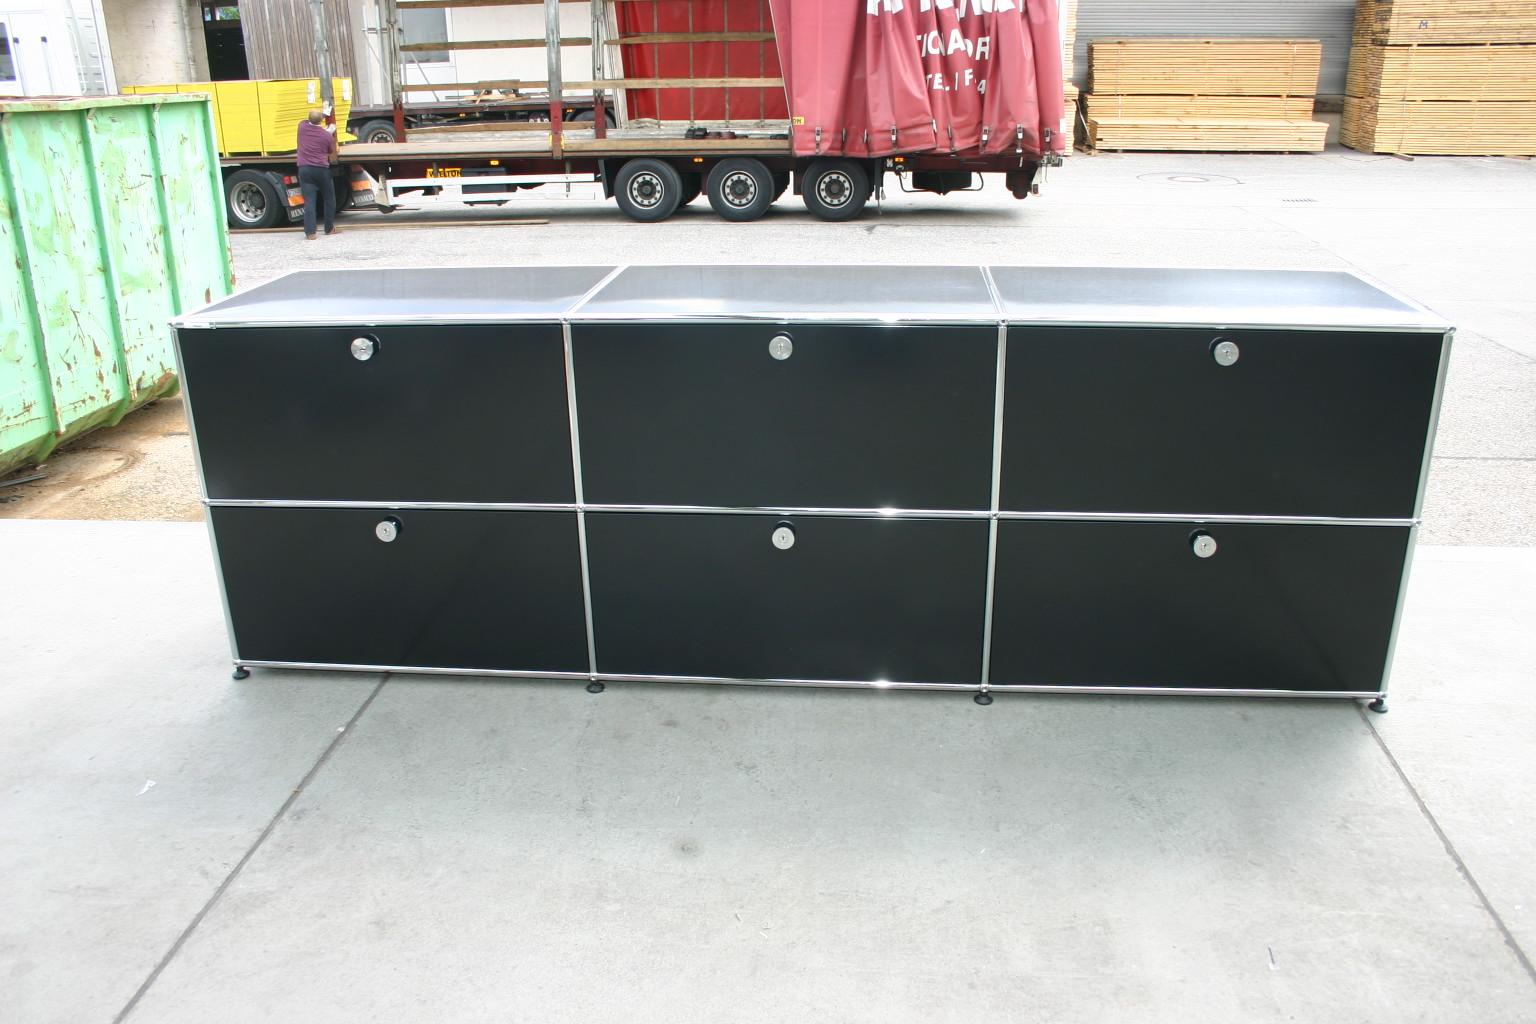 sideboard von usm haller in schwarz usm haller unsere kategorien. Black Bedroom Furniture Sets. Home Design Ideas